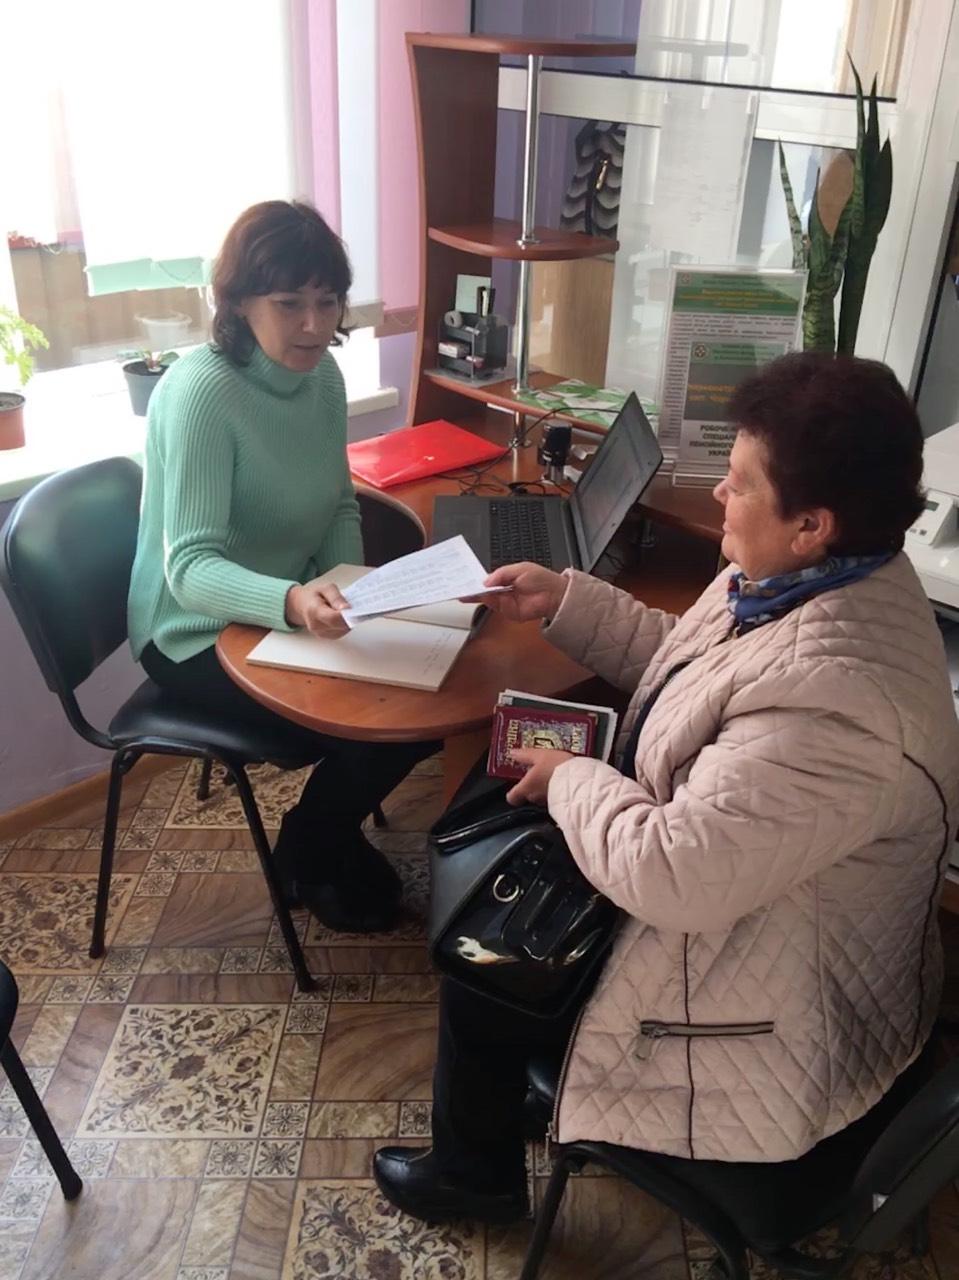 IMG b0e88b0c36ffd24d0cf7899c909a0f48 V - Тривають роз'яснення пенсійного законодавства мешканцям краю